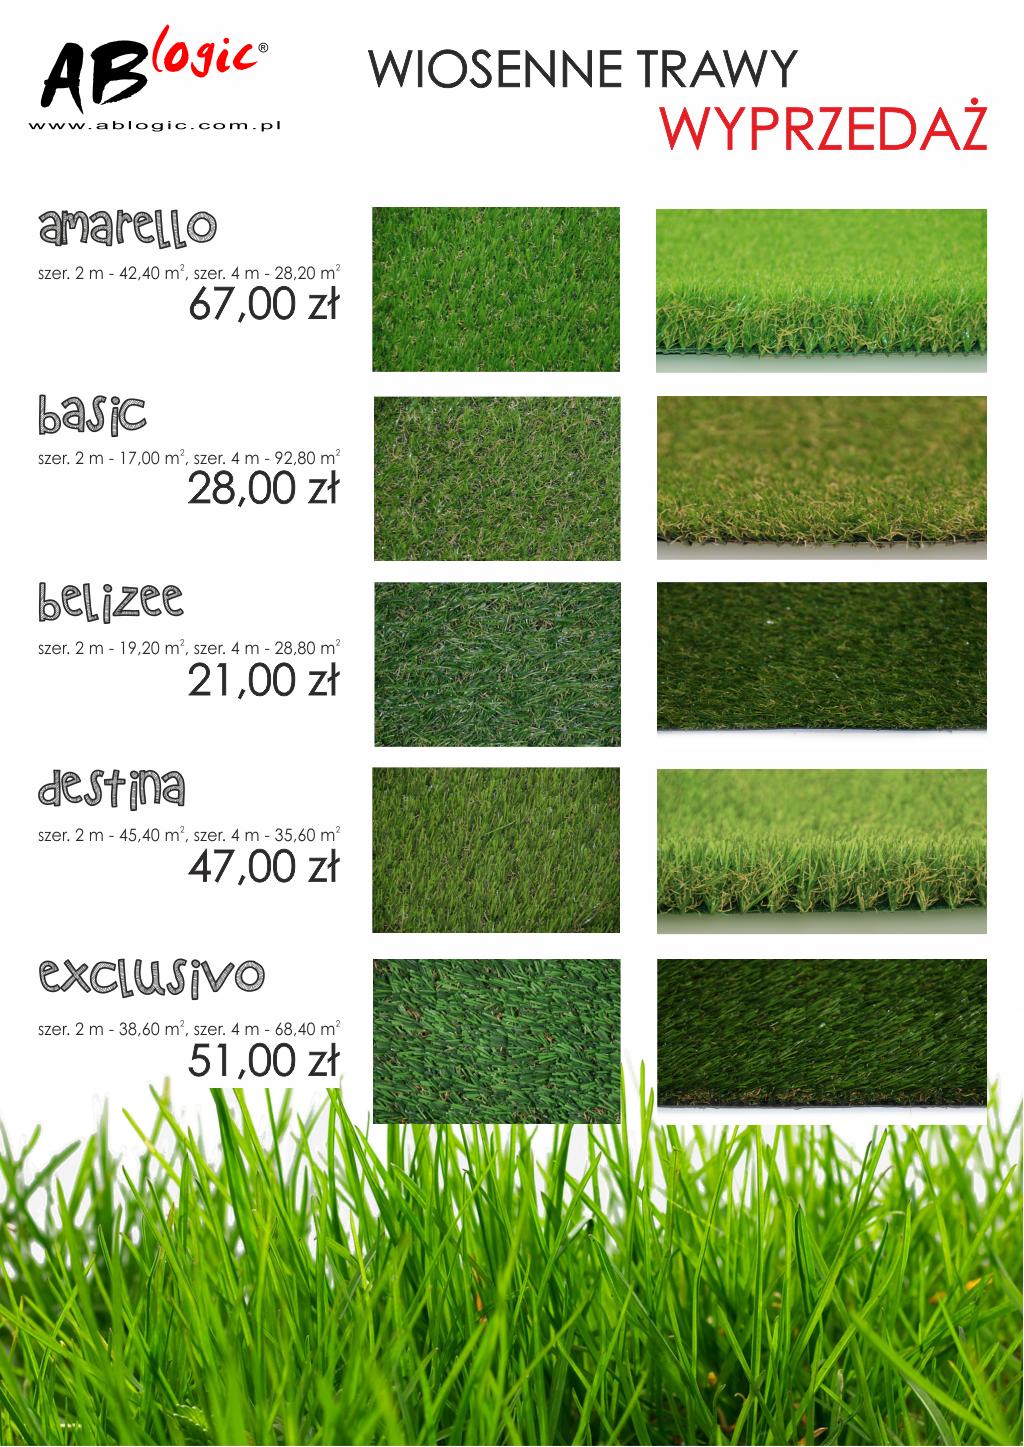 Wiosenne trawy - wyprzedaż kolekcji